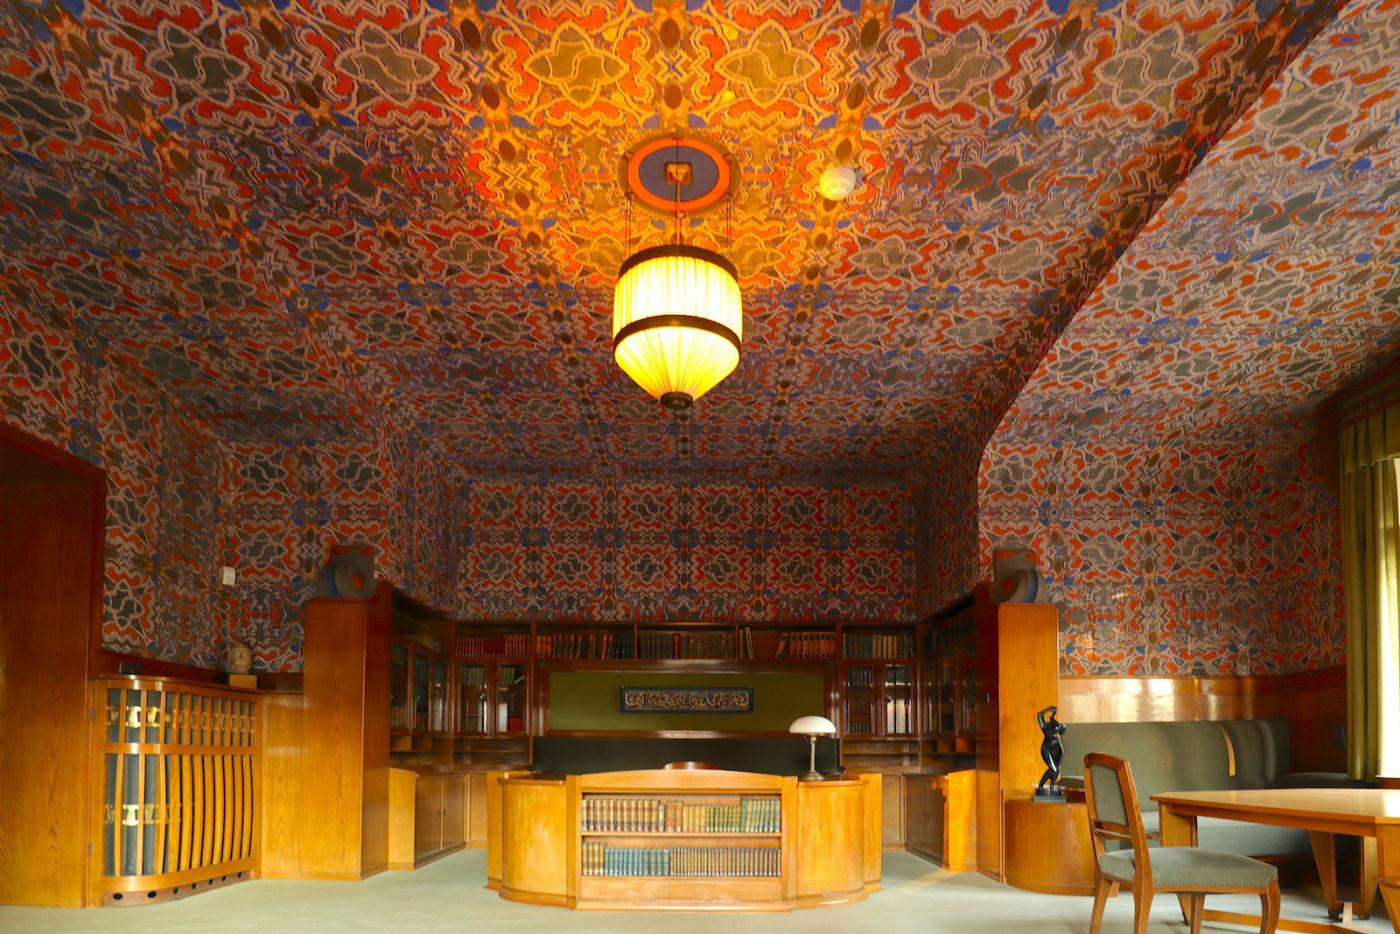 Hohenhof. Besonders farbenfroh ist Osthaus Arbeitszimmer ausgestaltet. Die Schablonenmalerei an Wand und Decke kommt von Jan Thorn Prikker. Henry van de Velde soll ganz und gar nicht damit einverstanden gewesen sein.